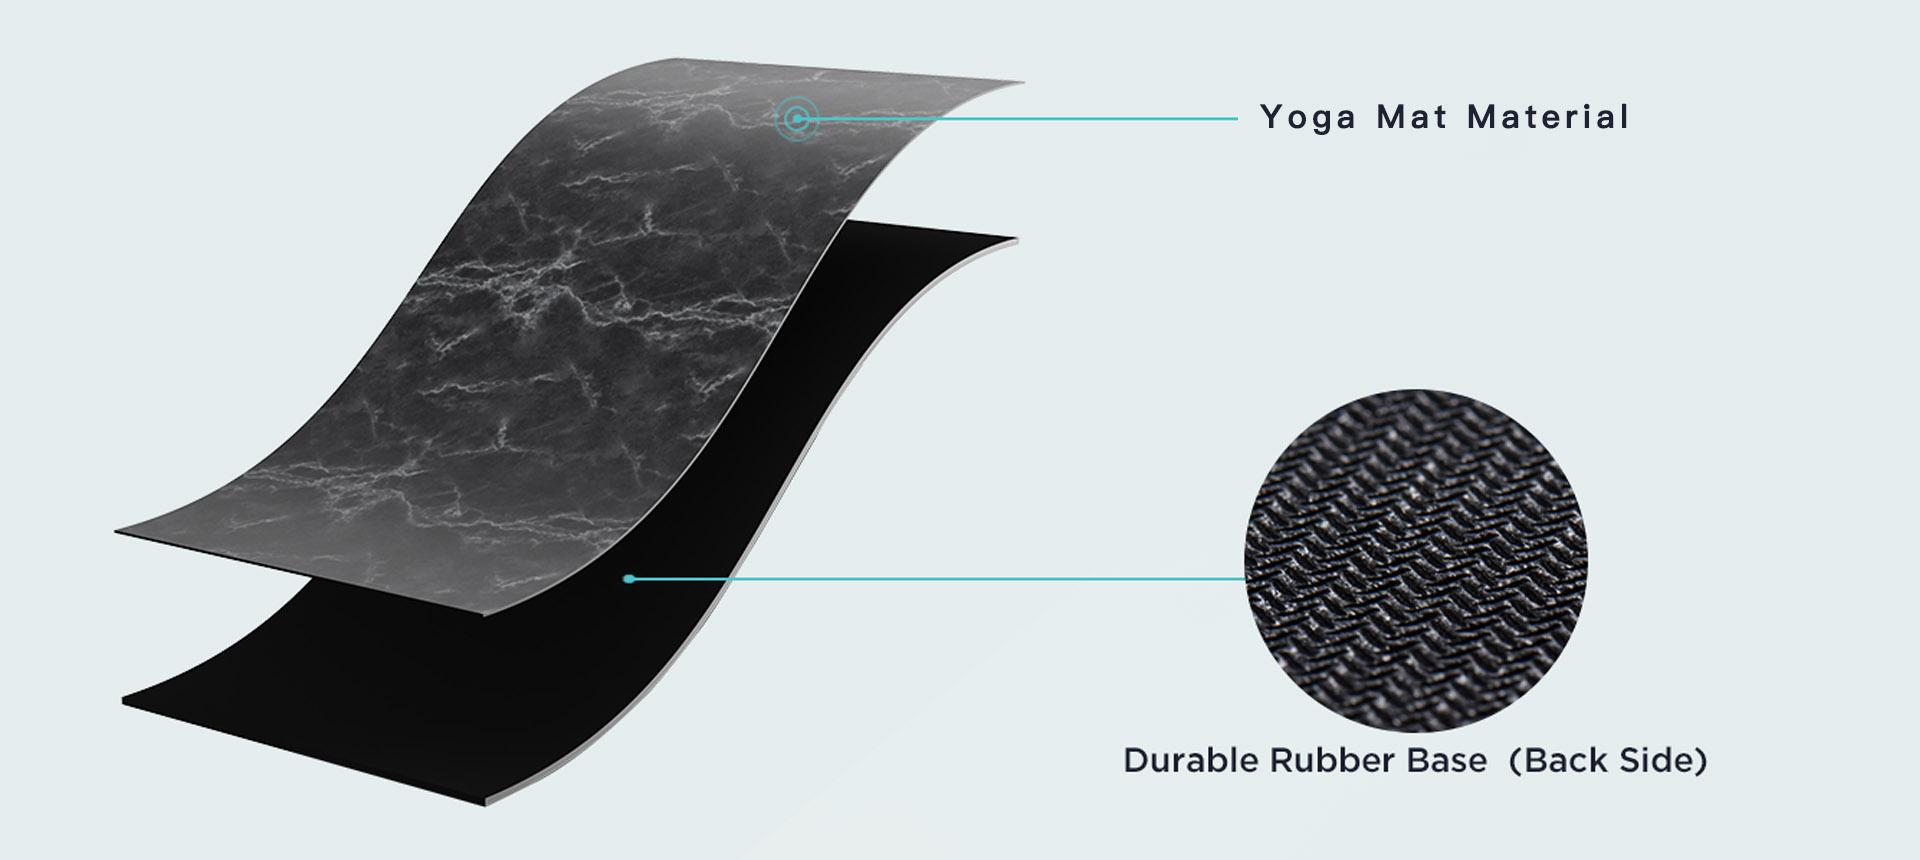 Yoga Mat Material